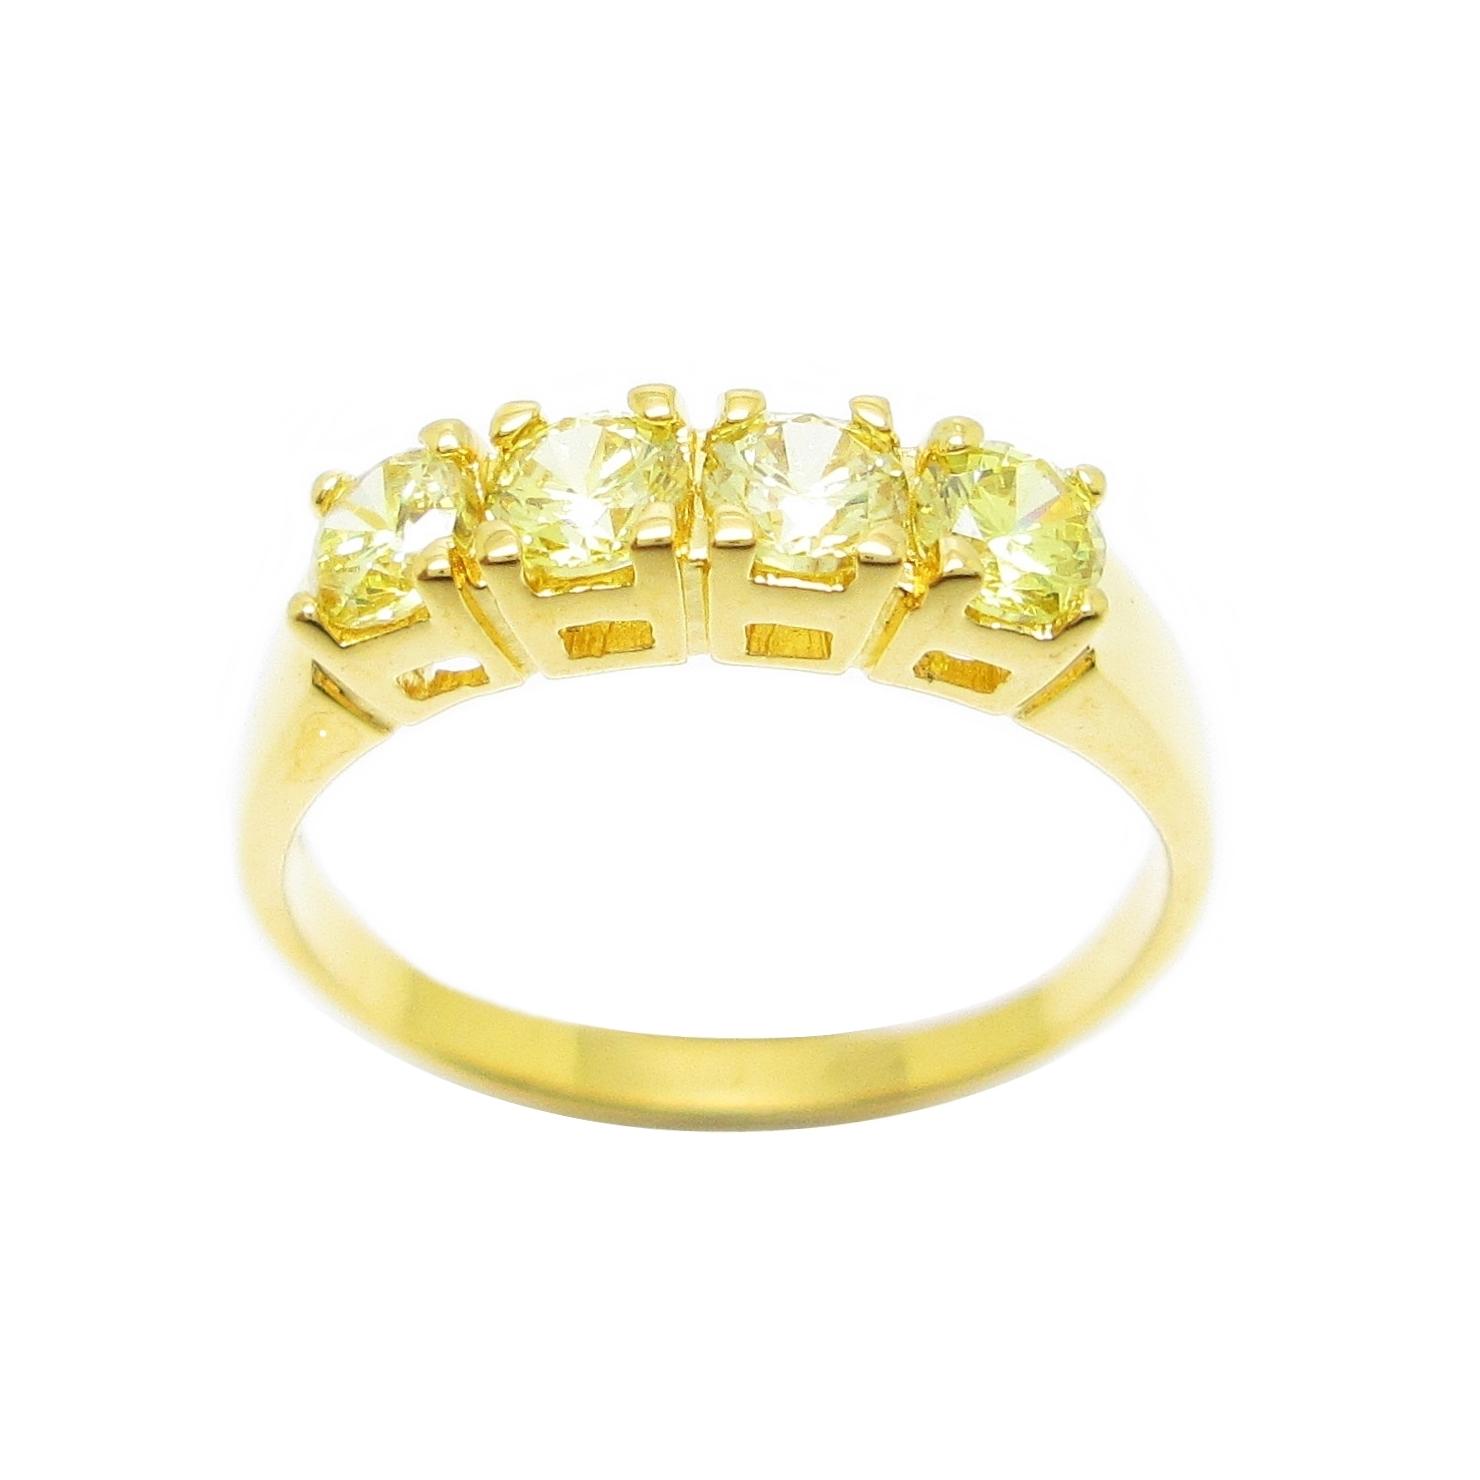 แหวนแถวประดับพลอยบุศราคัมชุบทอง